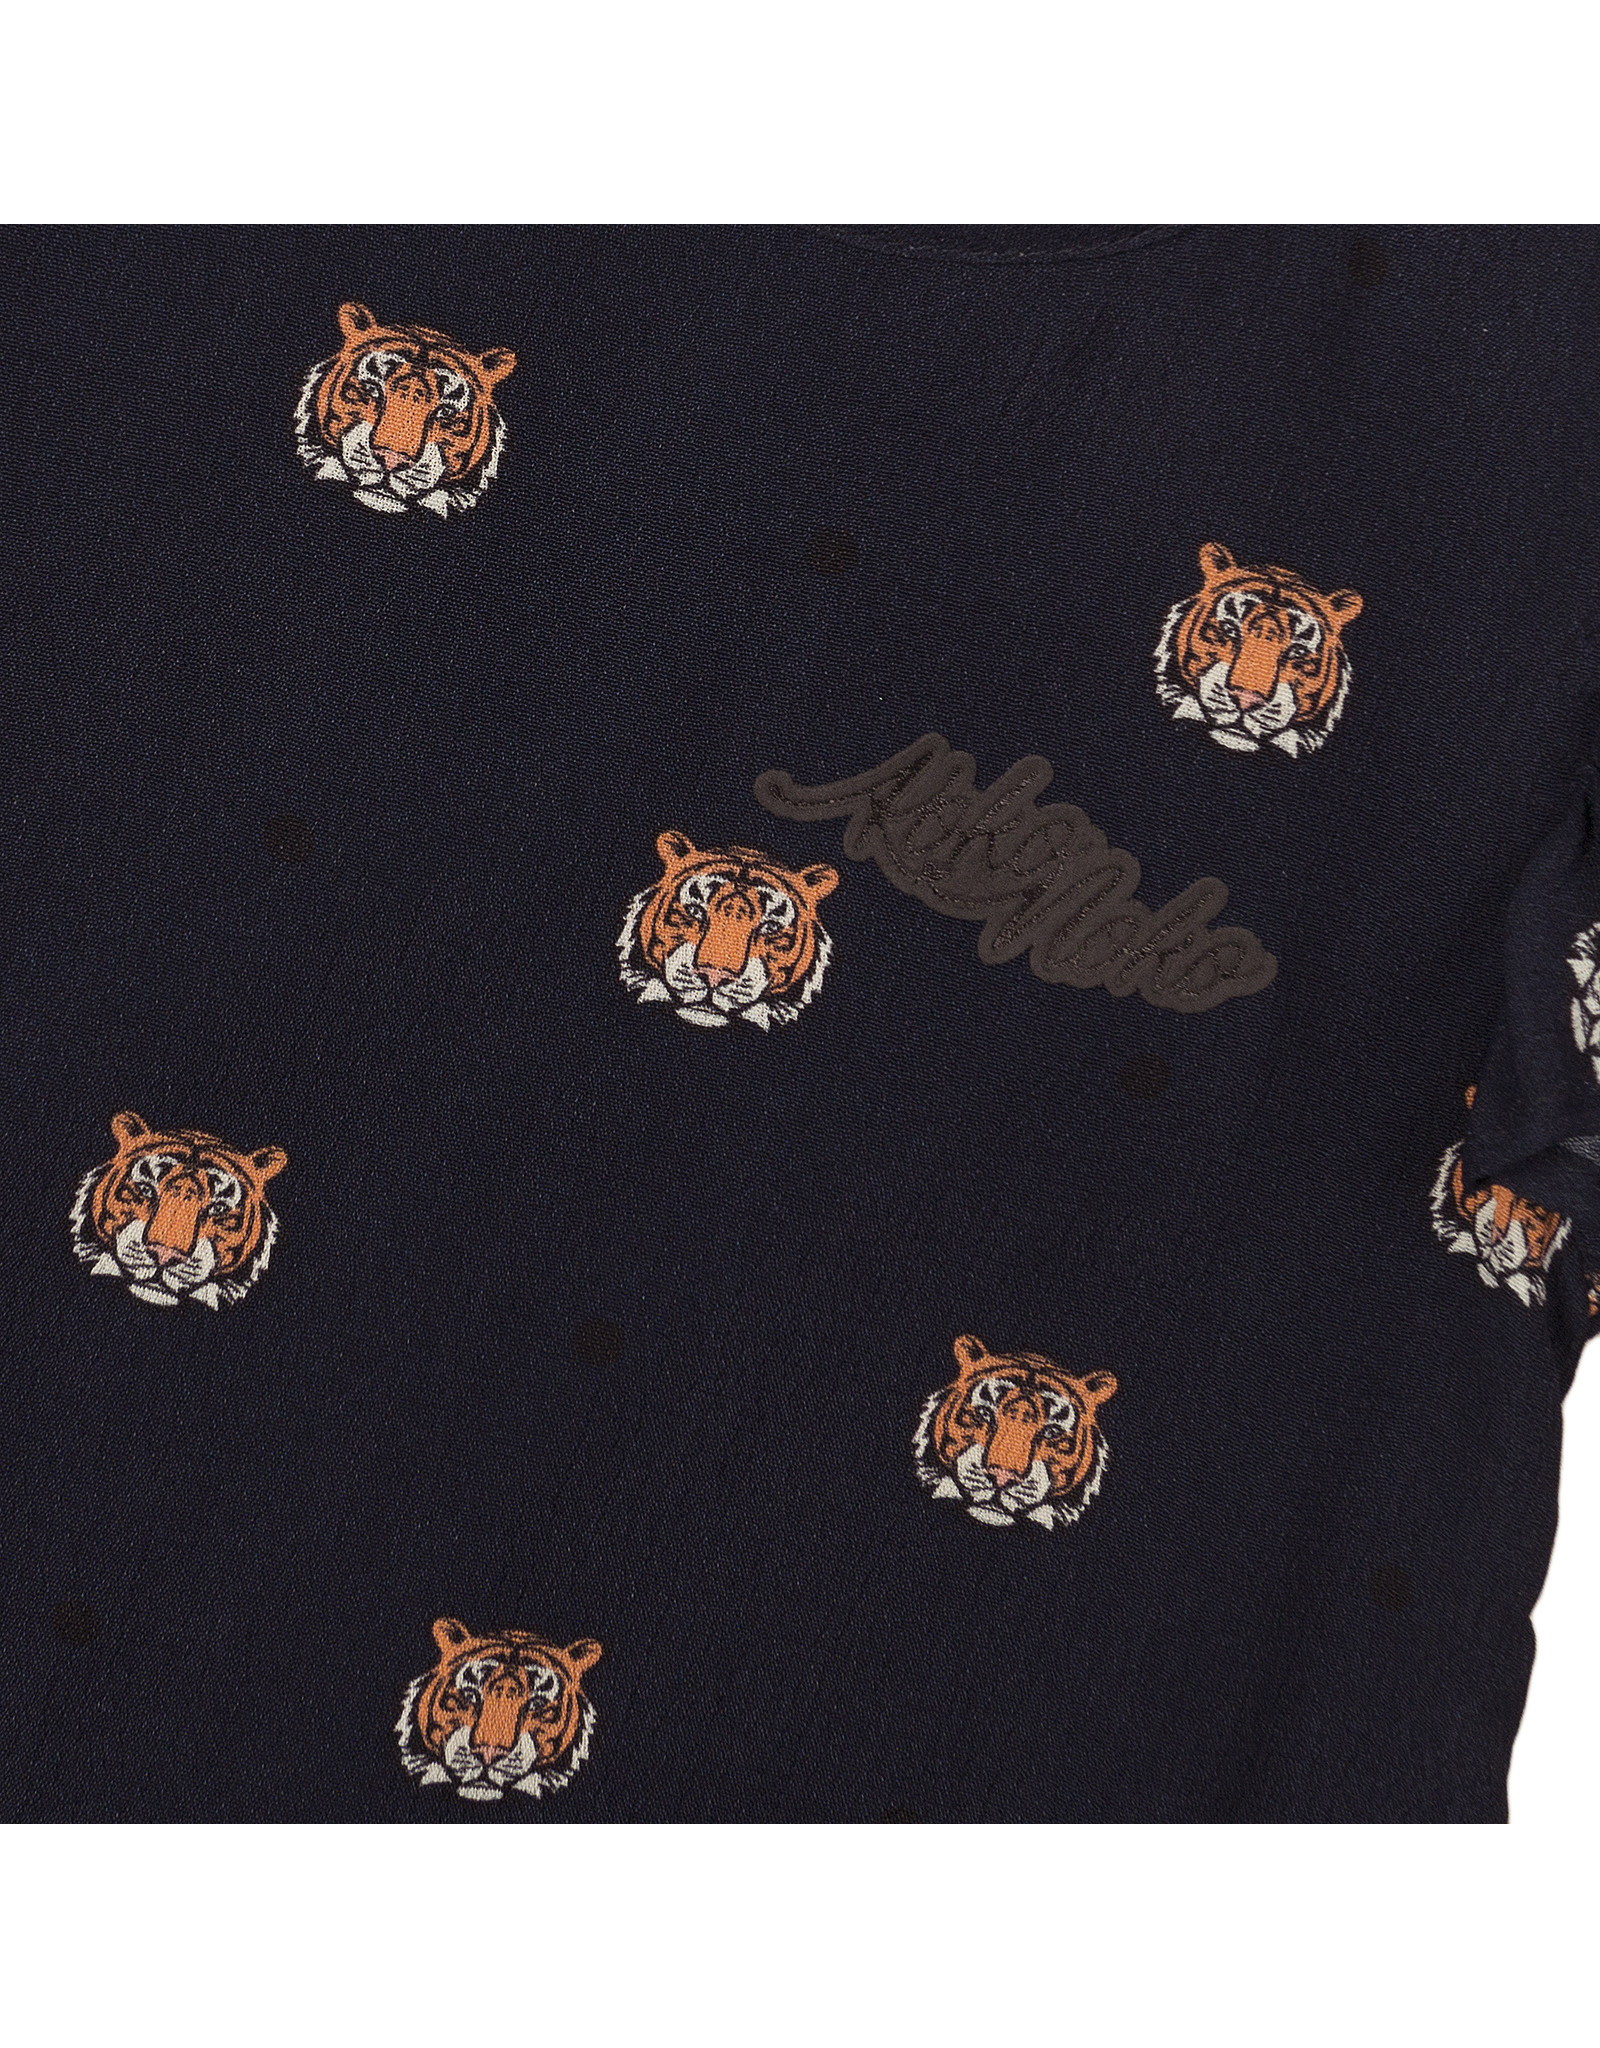 Koko Noko Dress ss, Navy + aop, SS21